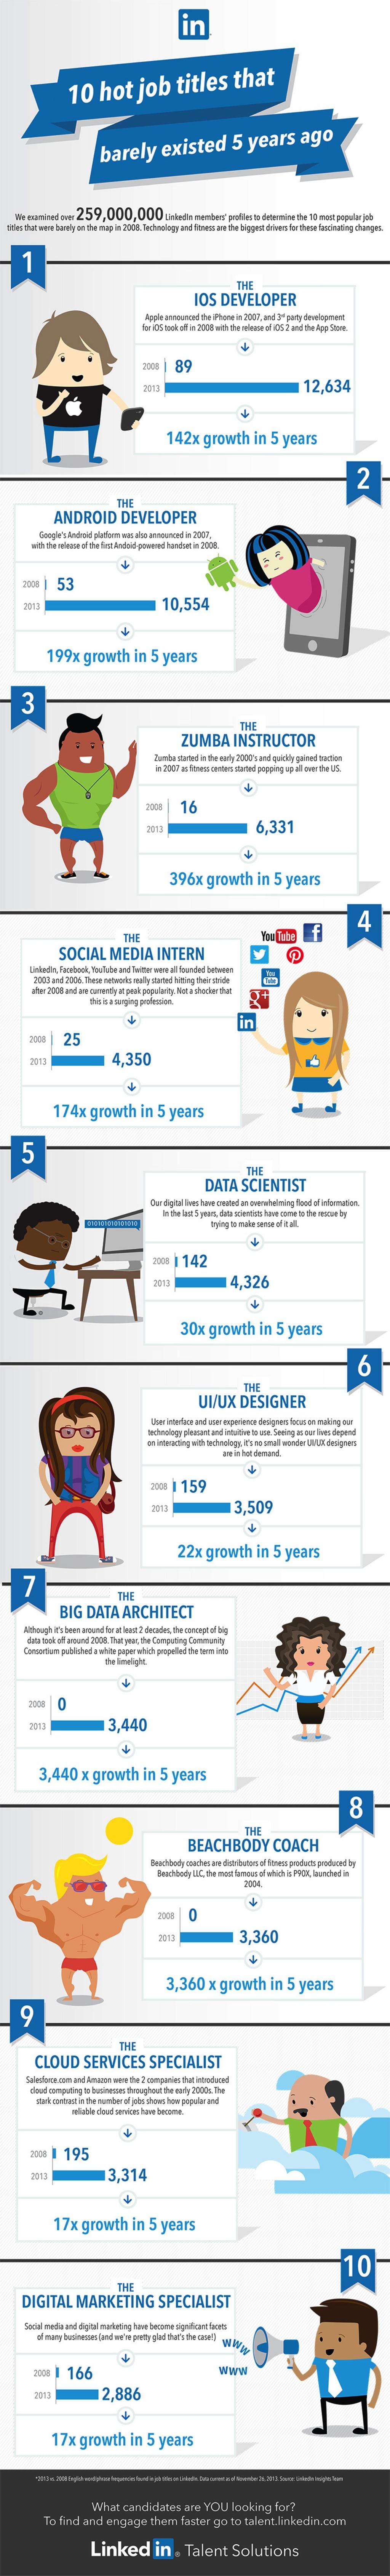 Linkedin muestra los 10 puestos laborales más buscados